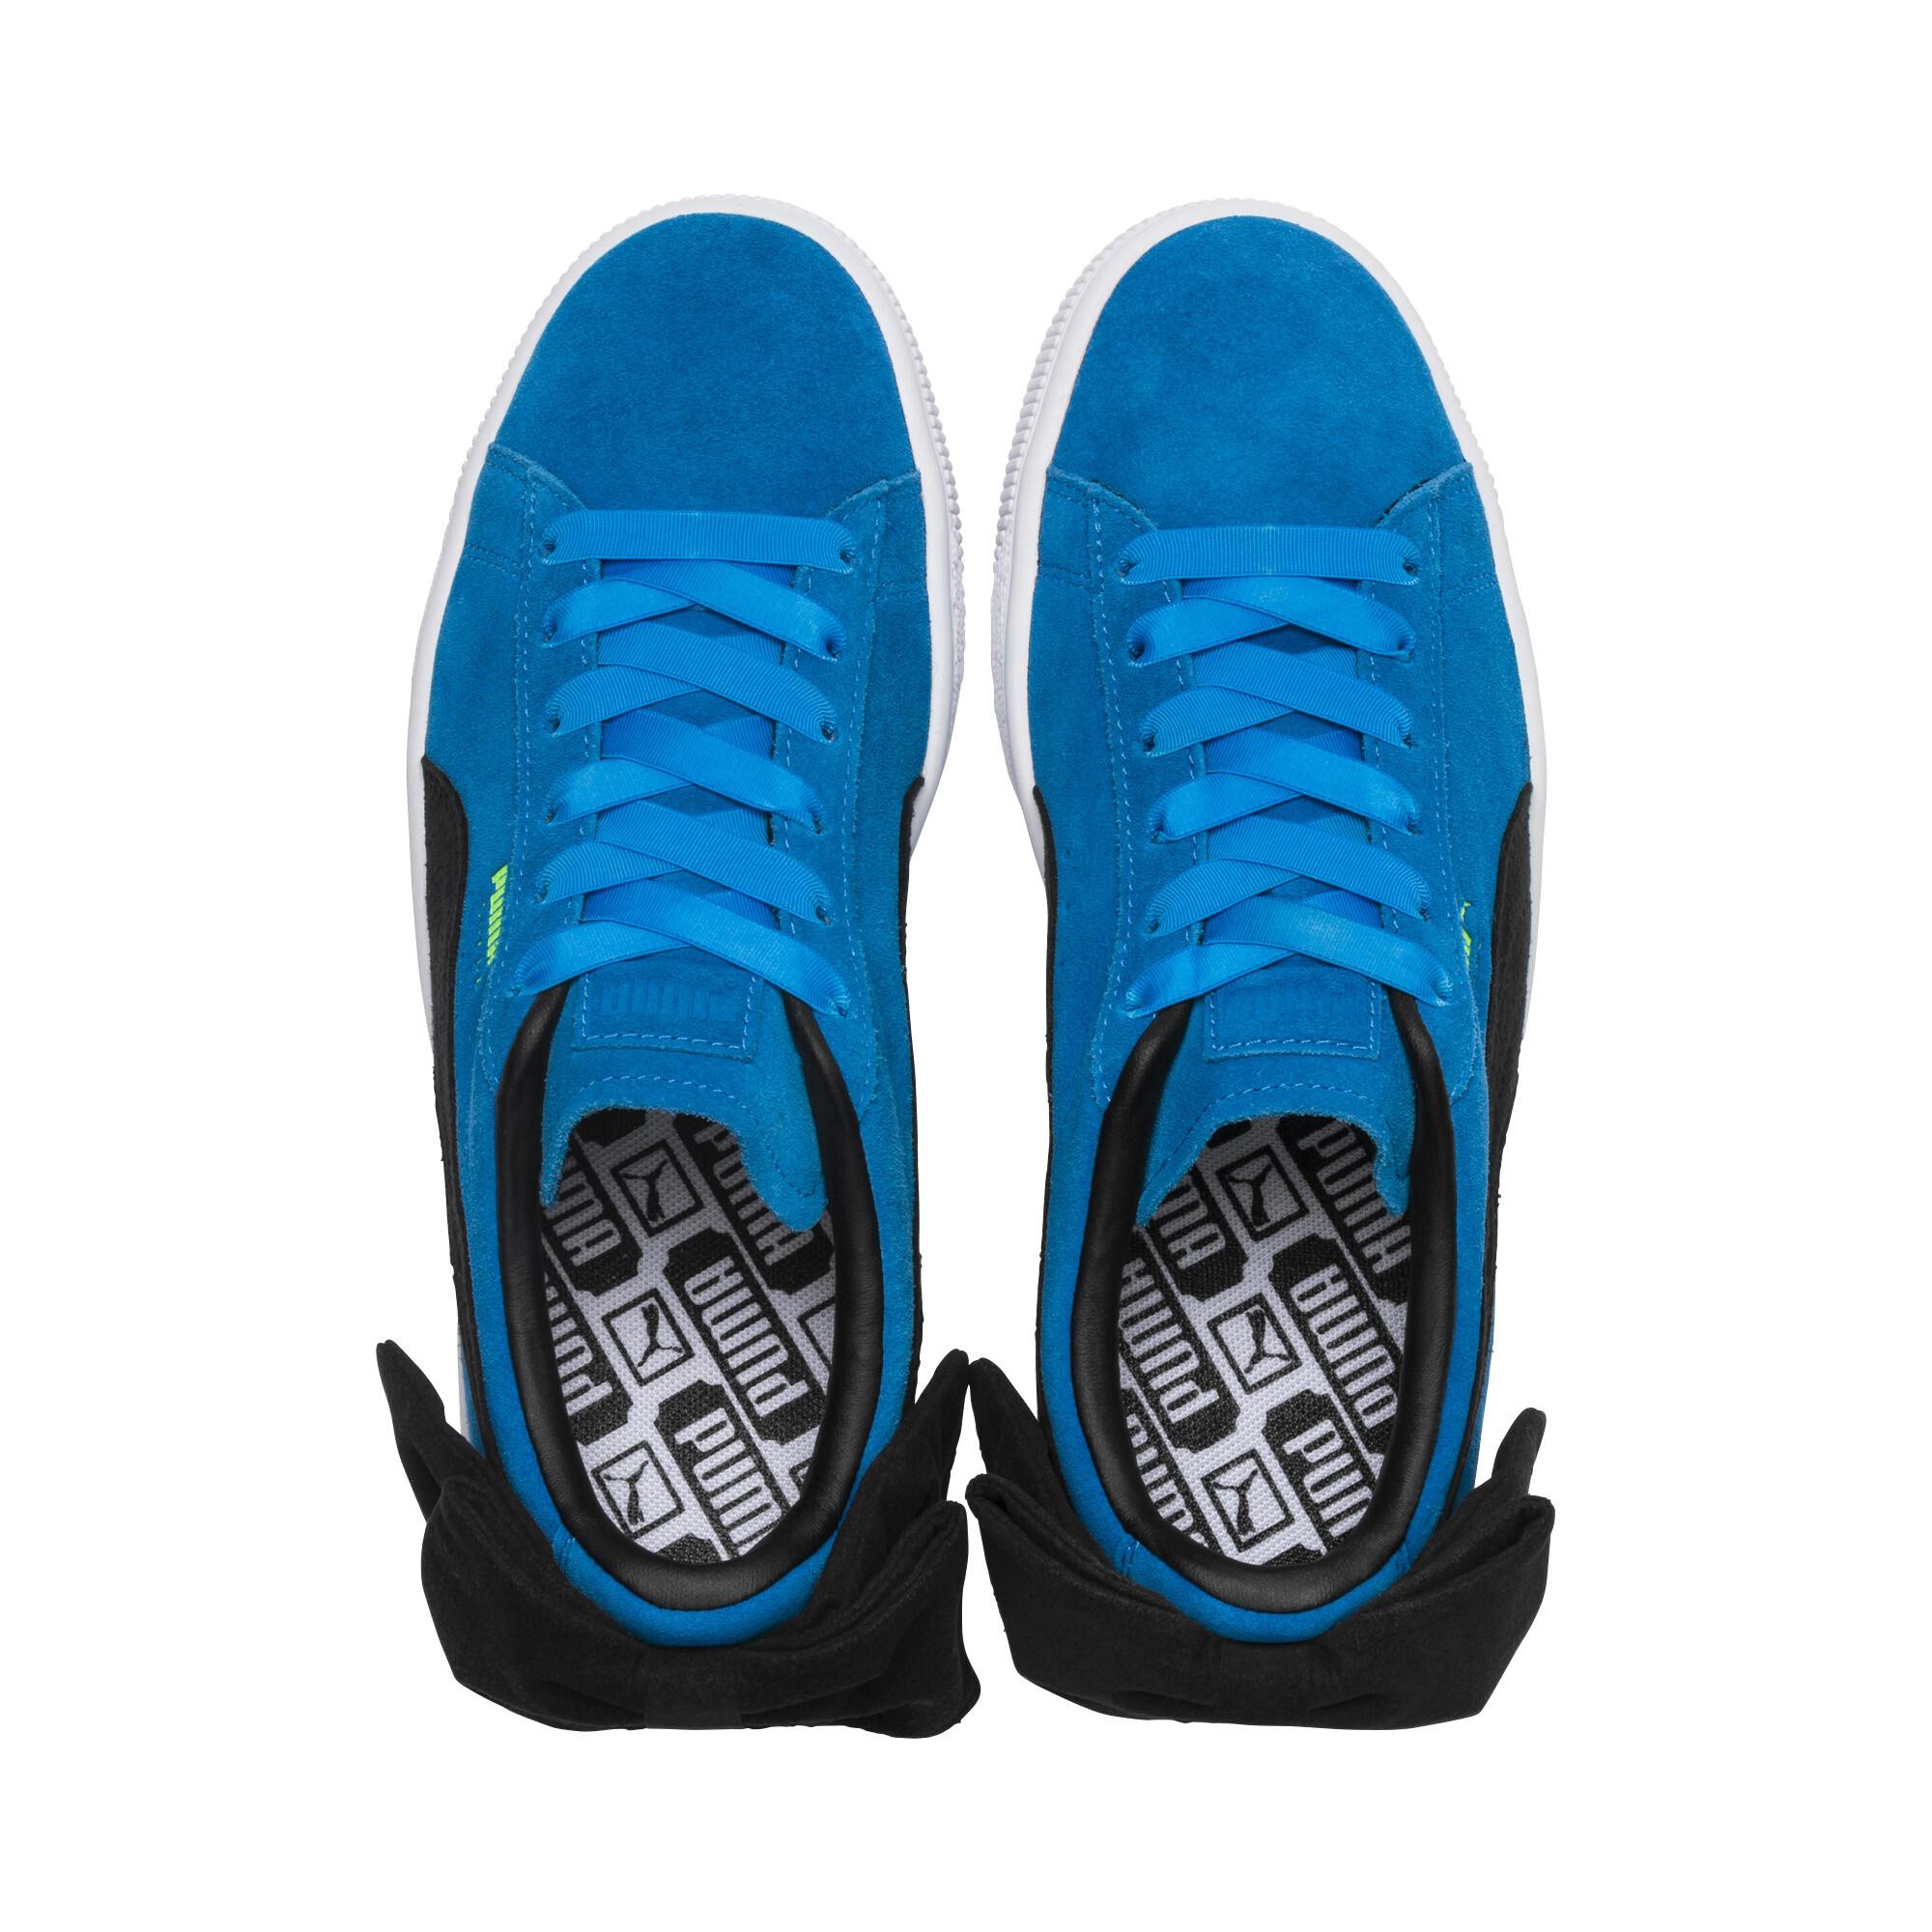 PUMA-Suede-Bow-Block-Damen-Sneaker-Frauen-Schuhe-Sport-Classics-Neu Indexbild 19